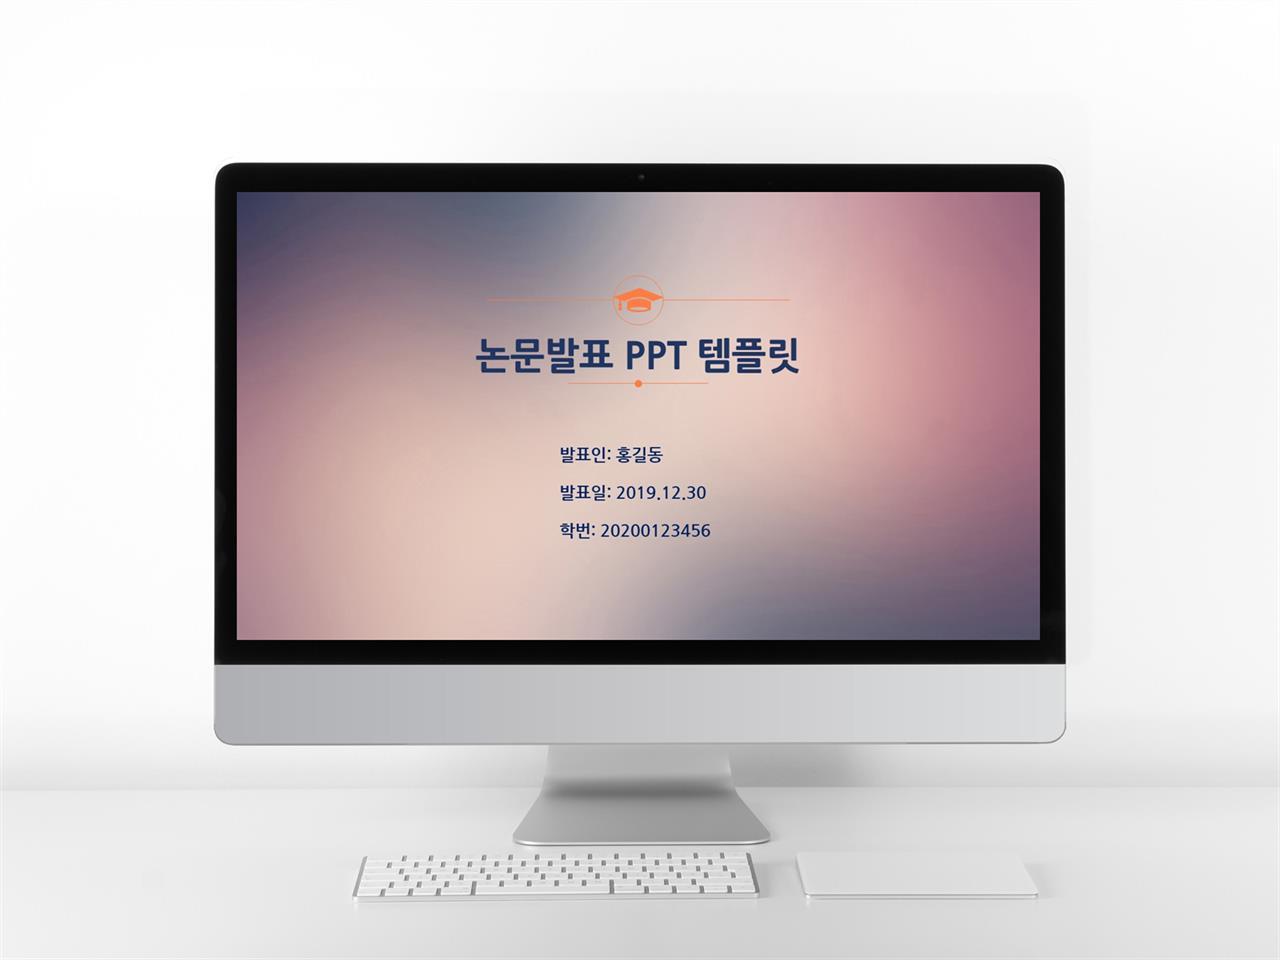 논문주제 핑크색 어둑어둑한 고급형 POWERPOINT샘플 디자인 미리보기